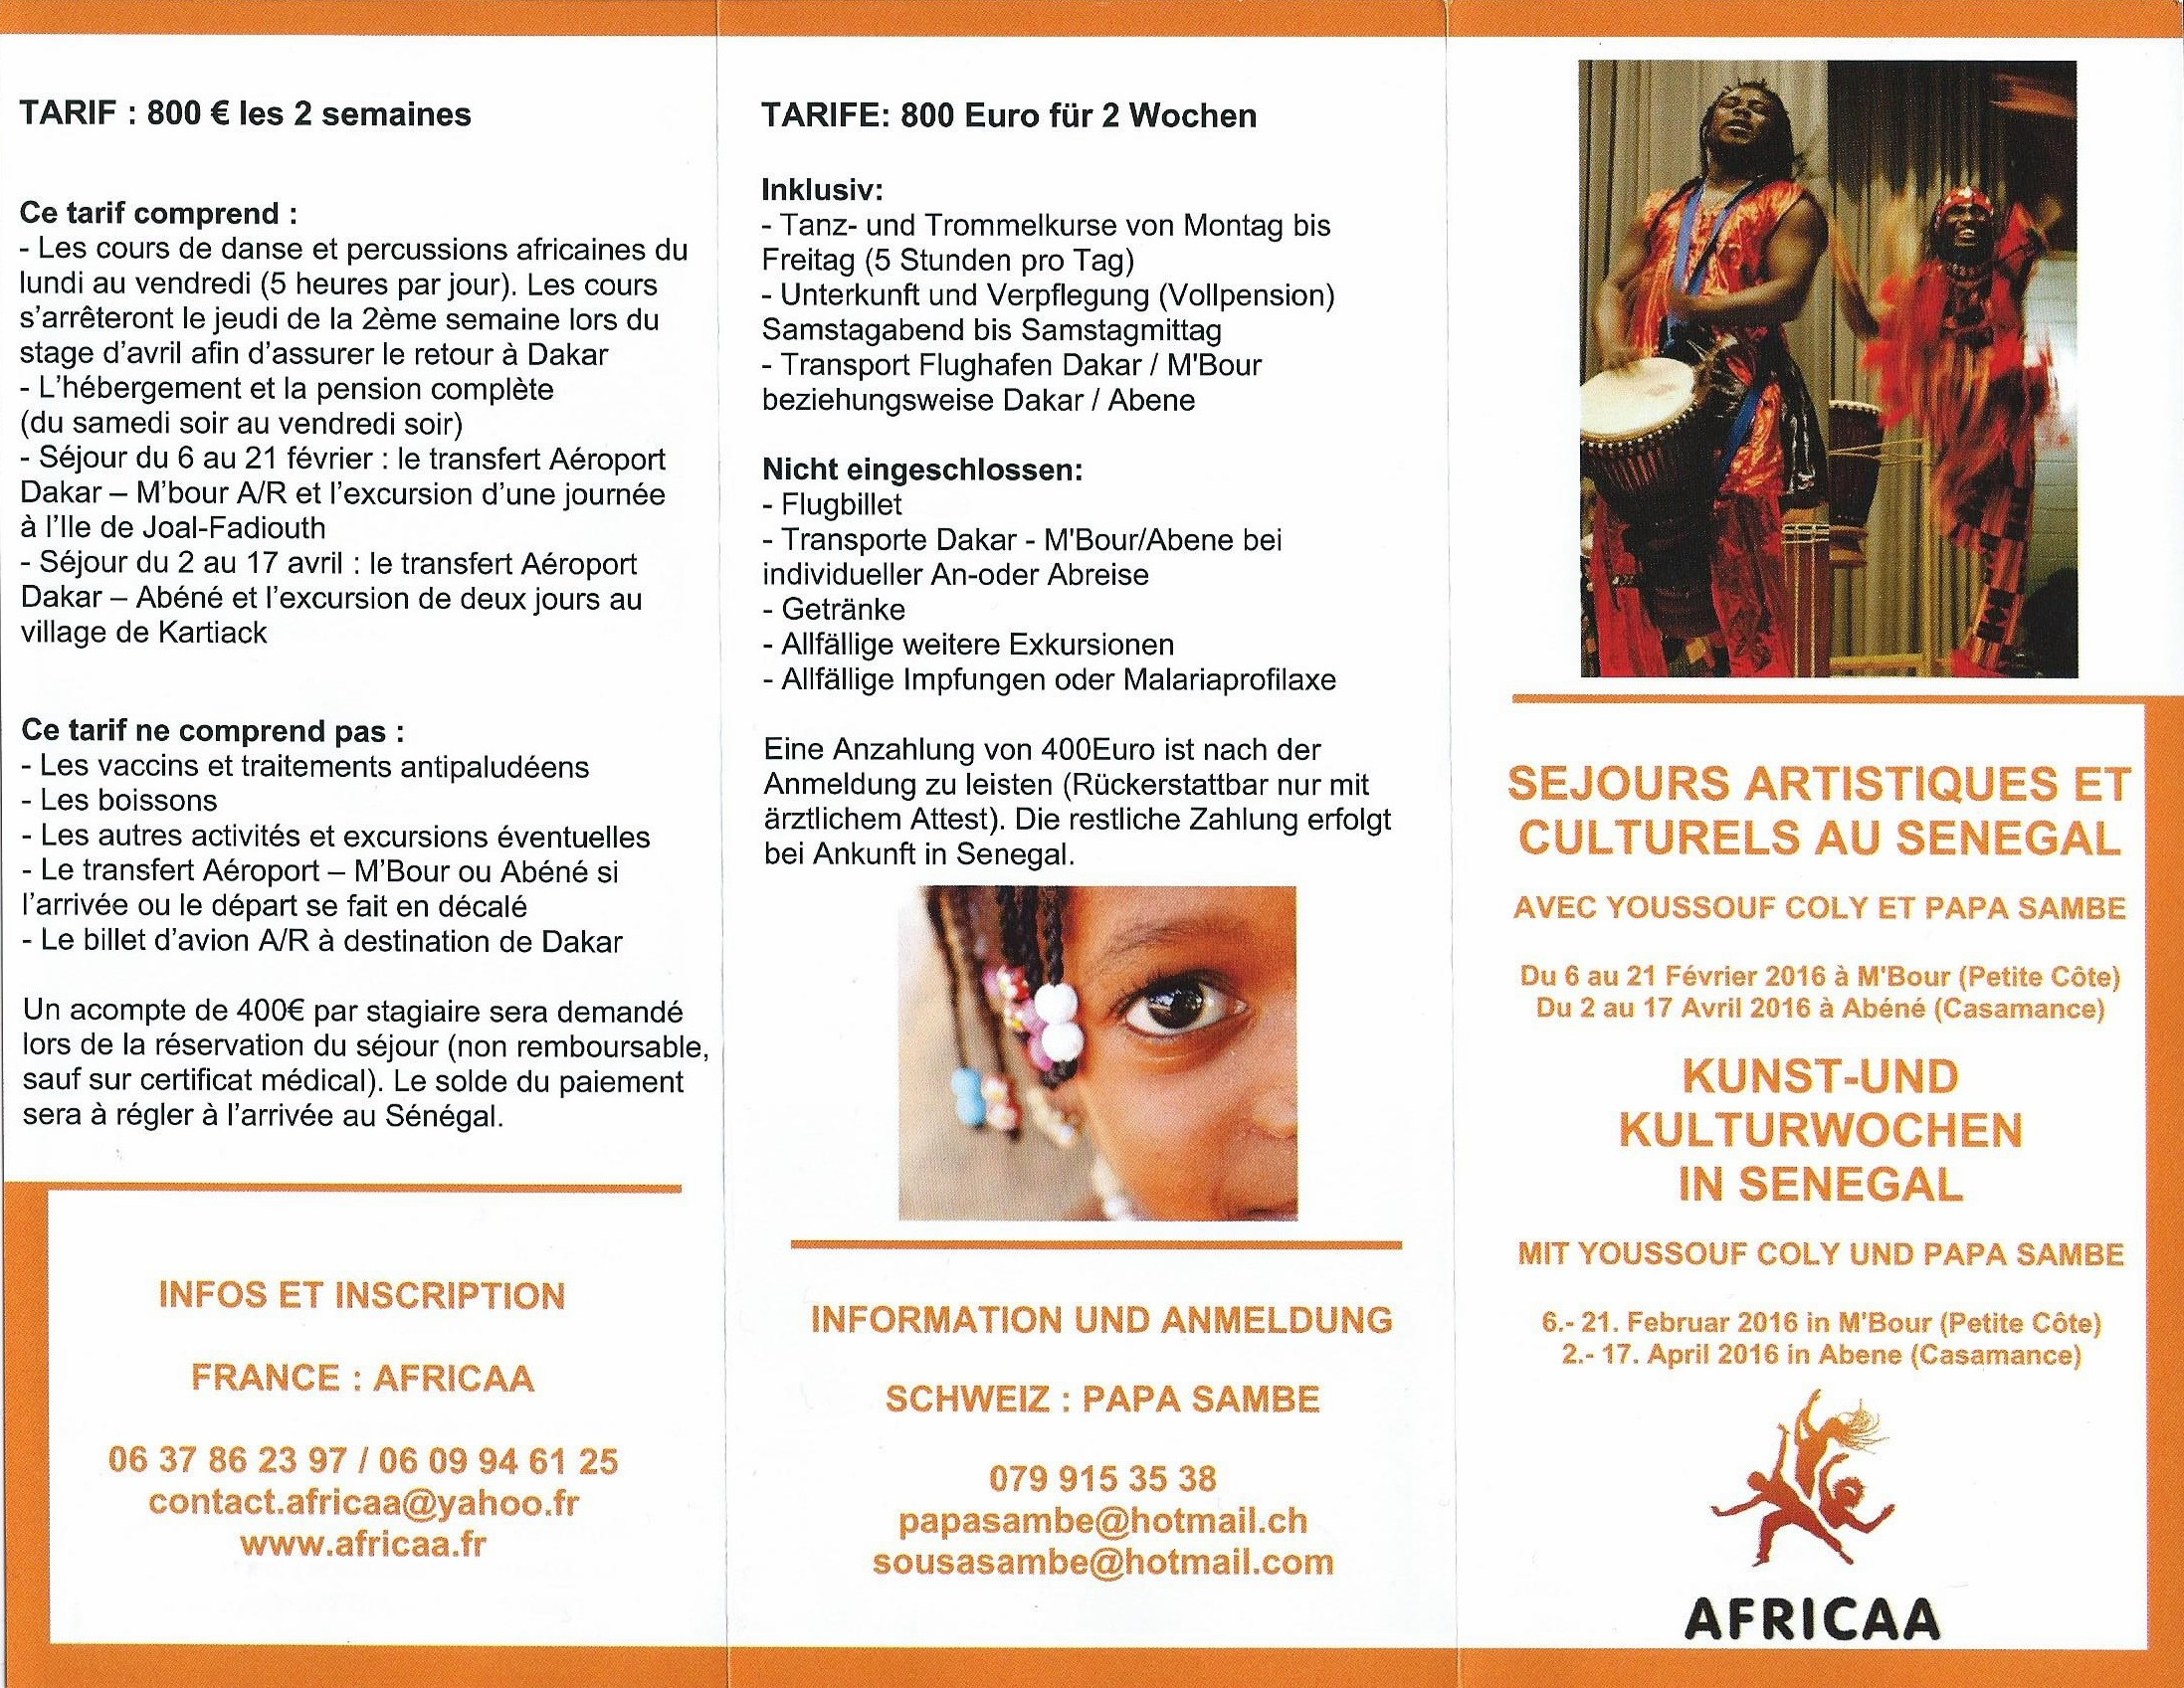 SEJOURS ARTISTIQUES ET CULTURELS 2016 AU SENEGAL AVEC YOUSSOUF COLY ET PAPA SAMBE